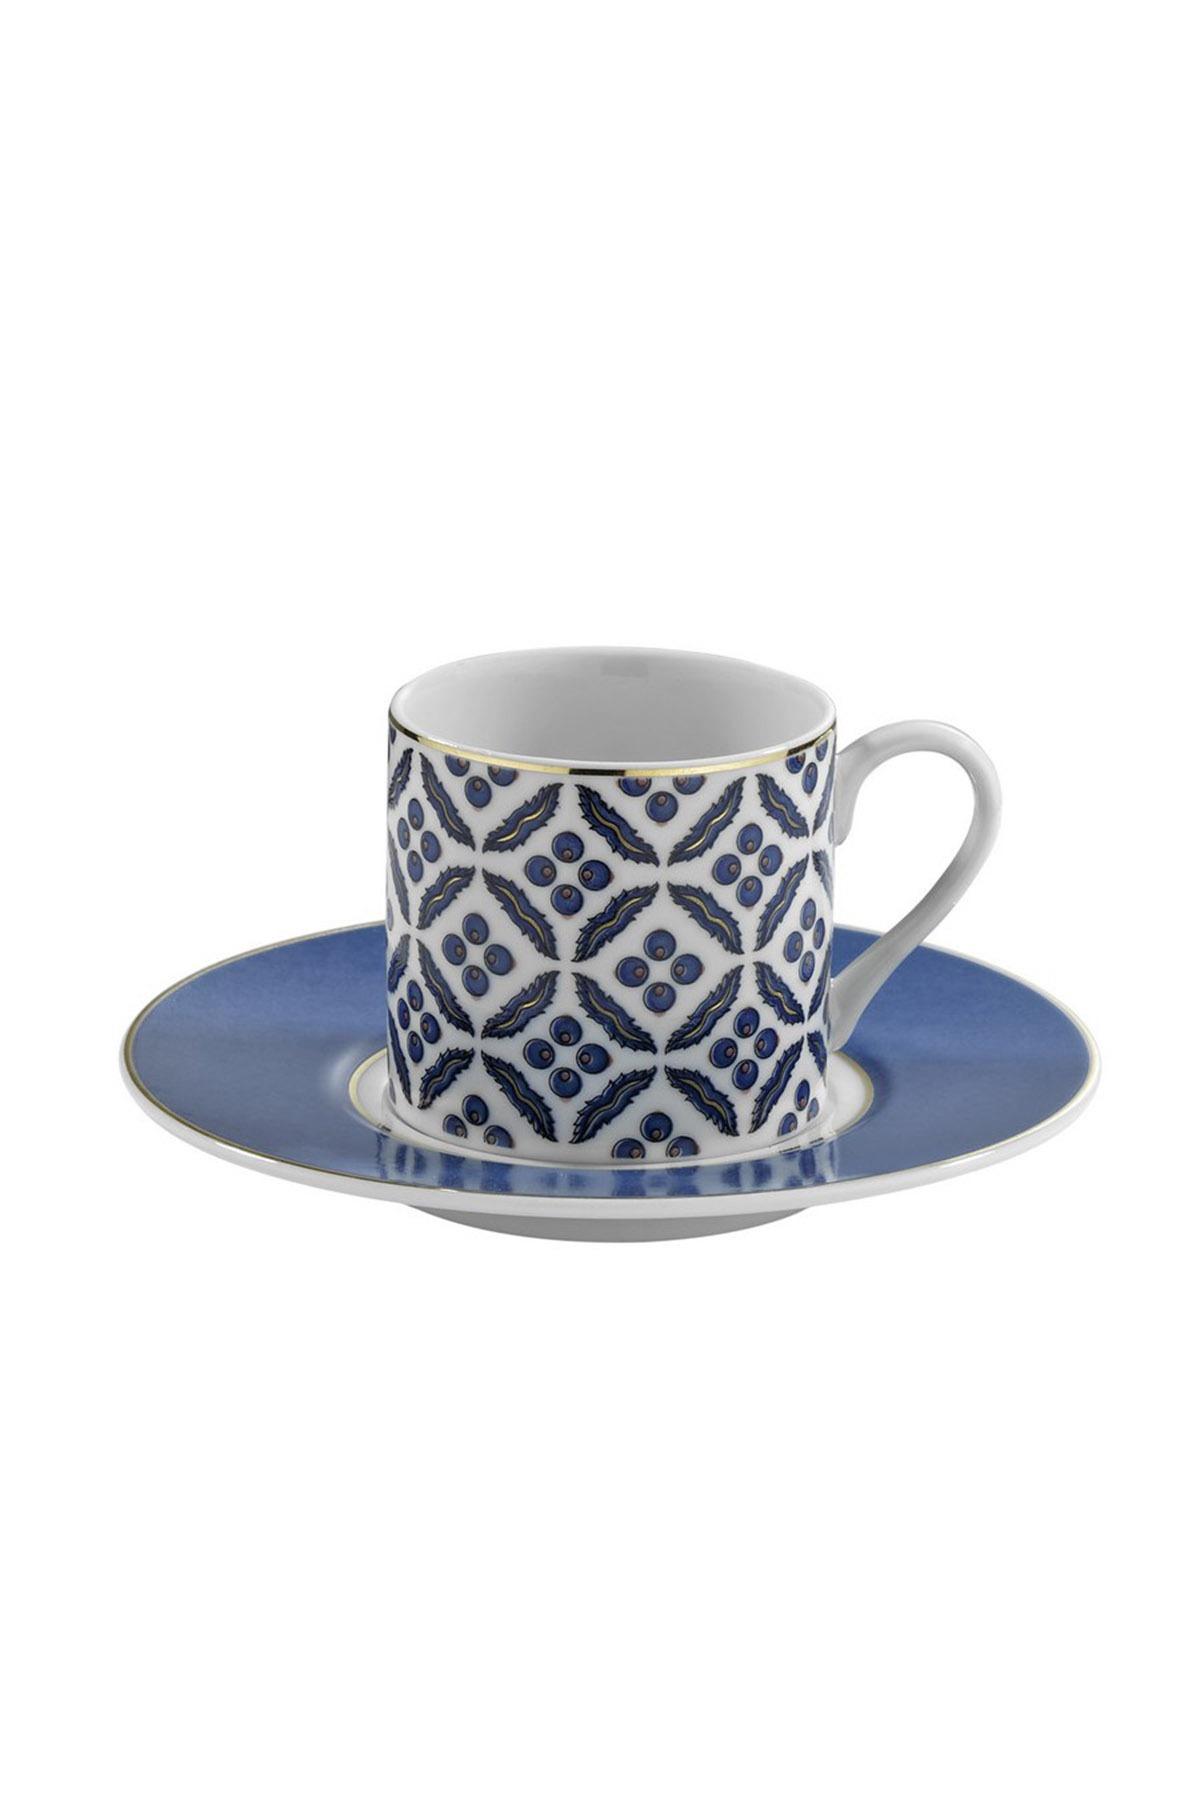 Kütahya Porselen - Kütahya Porselen Çintemani 9737 Desen Kahve Fincan Takımı